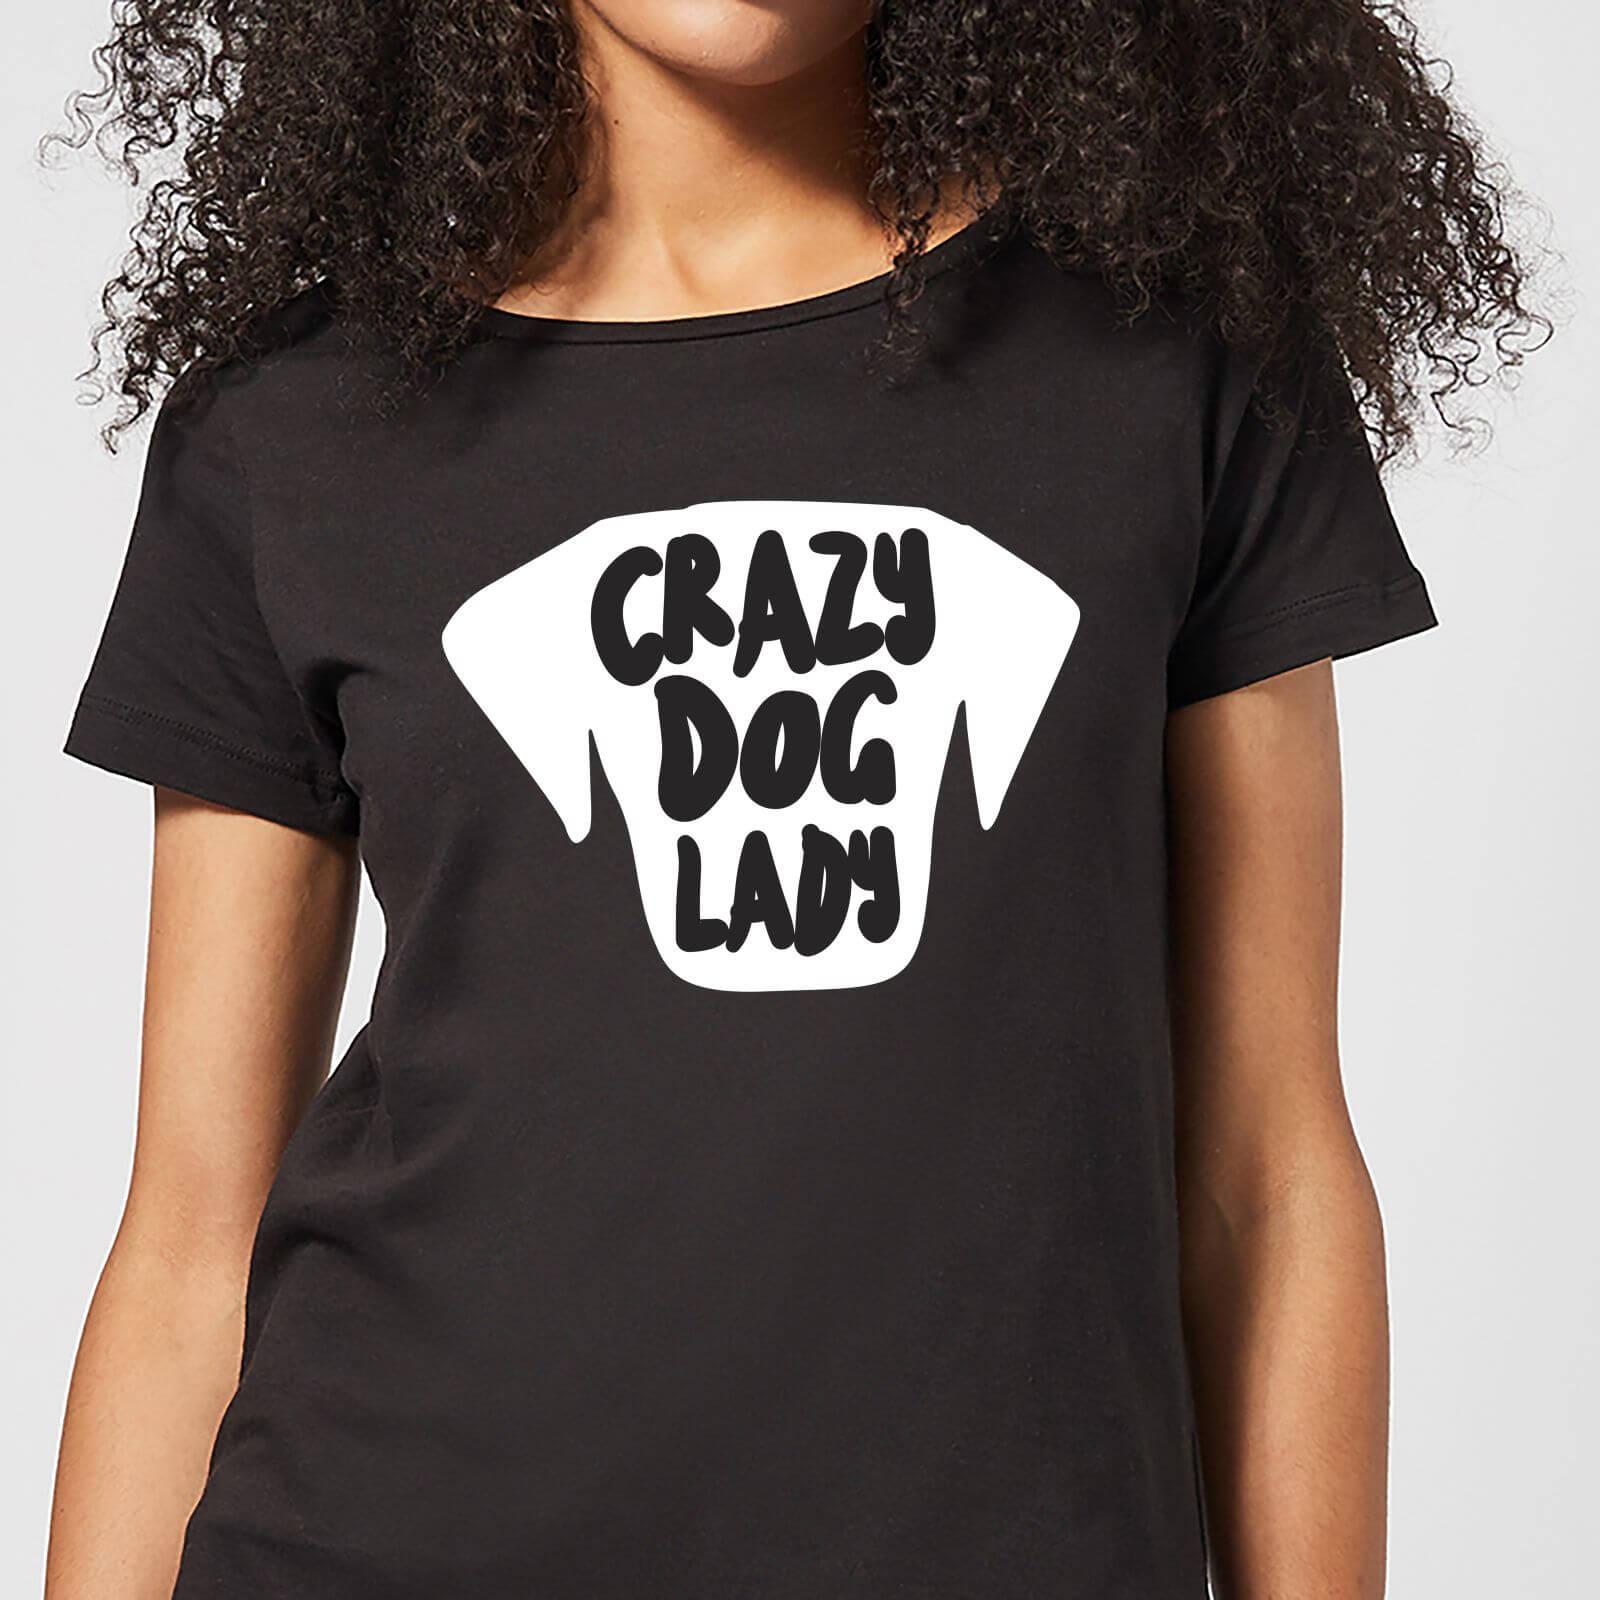 By IWOOT Crazy Dog Lady Women's T-Shirt - Black - 4XL - Black